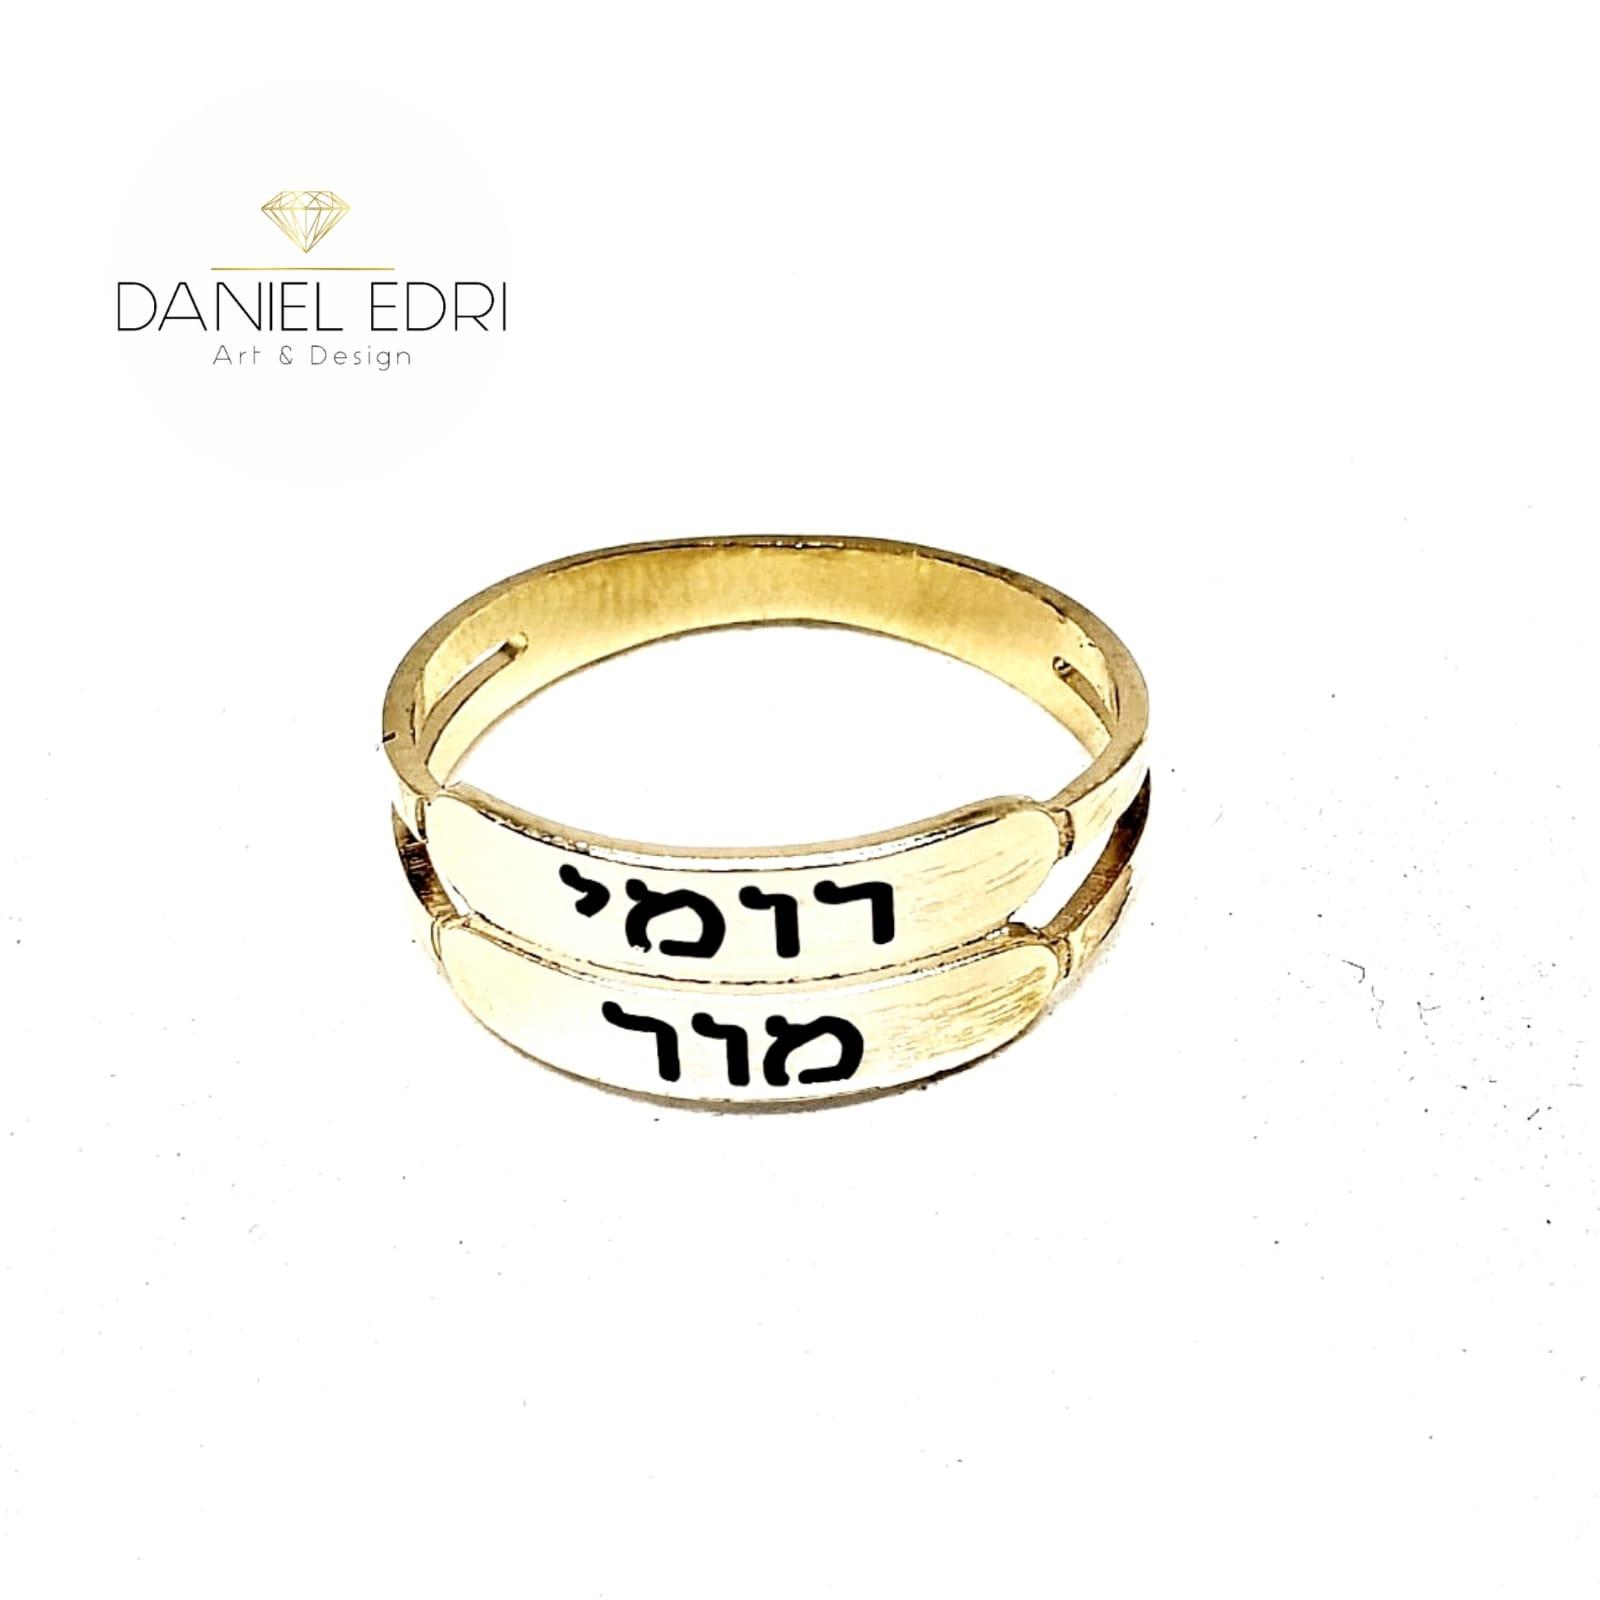 טבעת 2 שמות חריטה- גולדפילד/כסף.